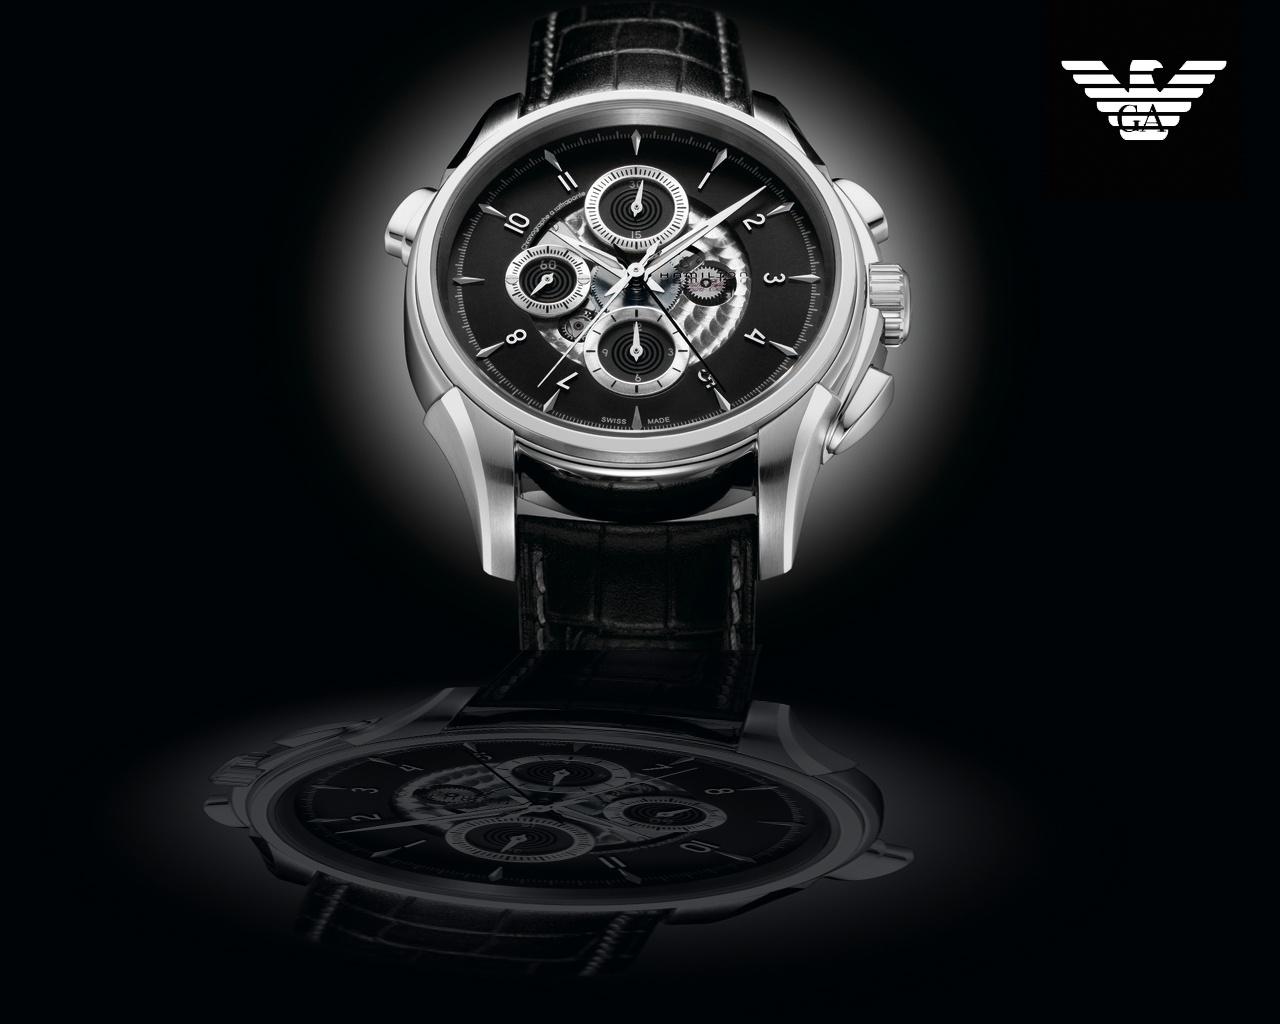 armani_watch_technology_hd-wallpaper-268629